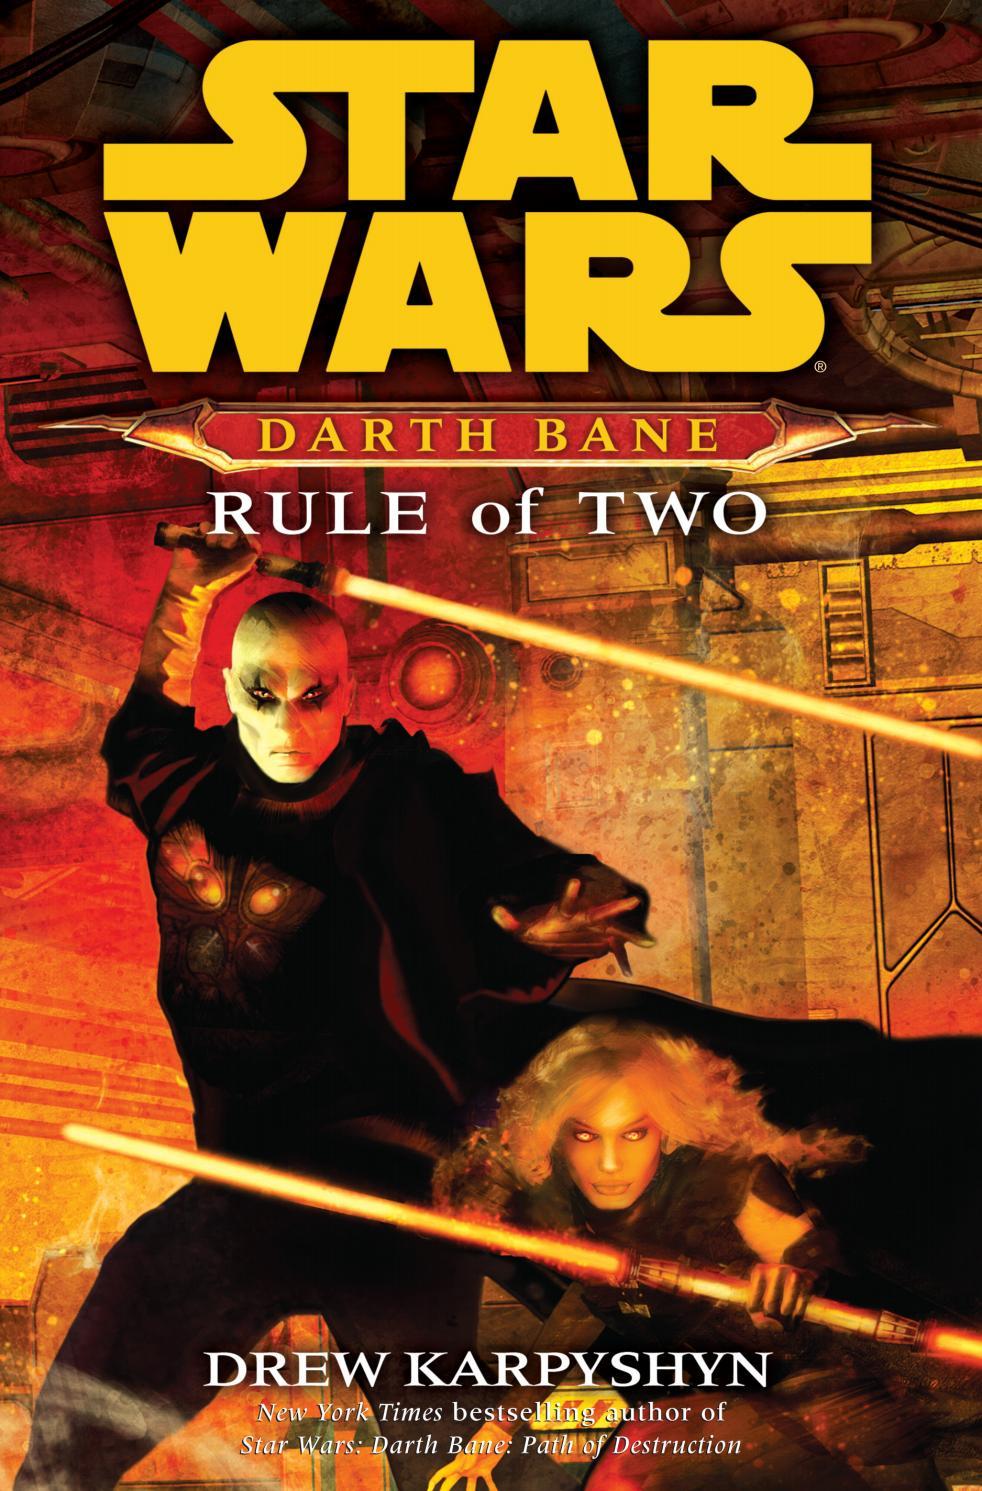 Star Wars: Darth Bane: Rule of two by Ovidiu MUCA - issuu